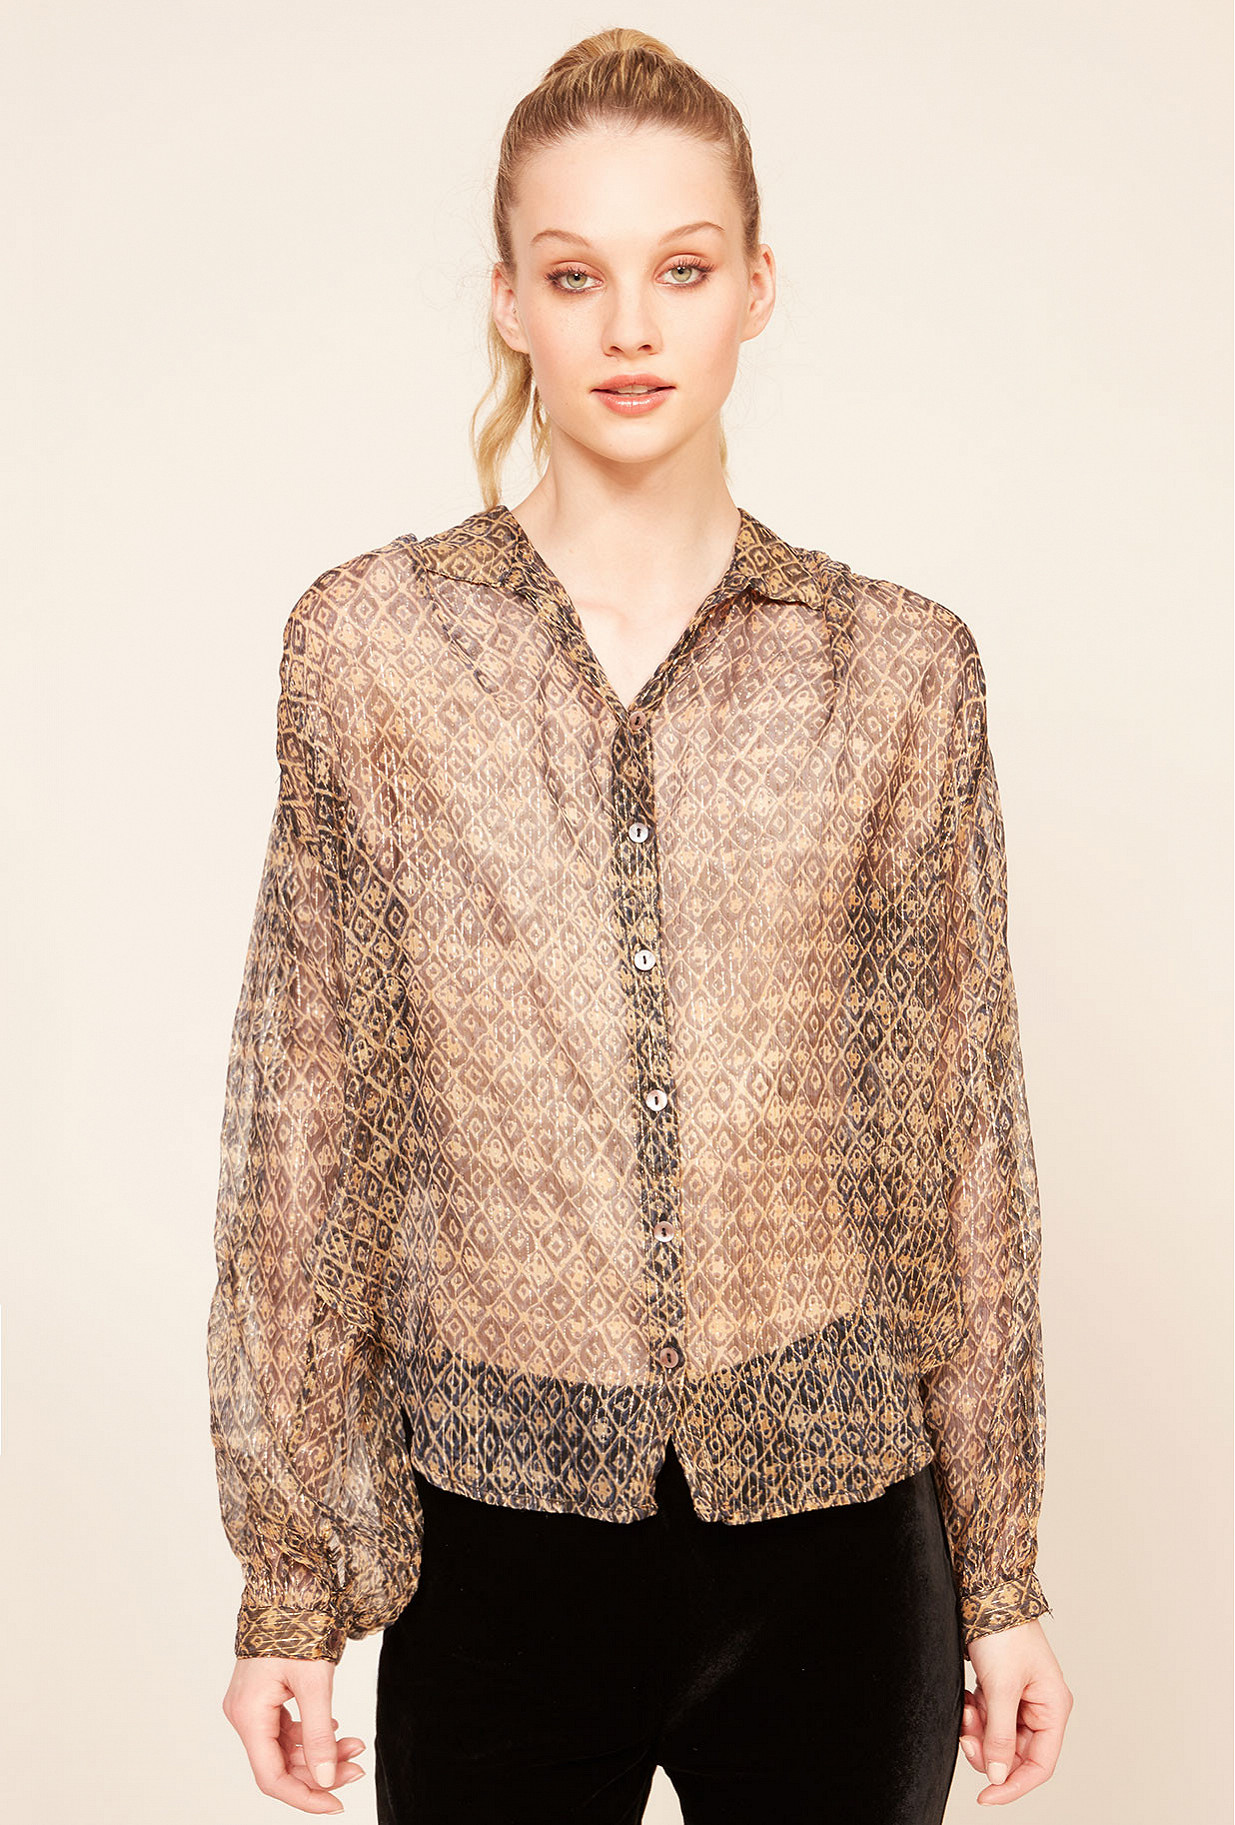 Paris clothes store Shirt  Romuald french designer fashion Paris